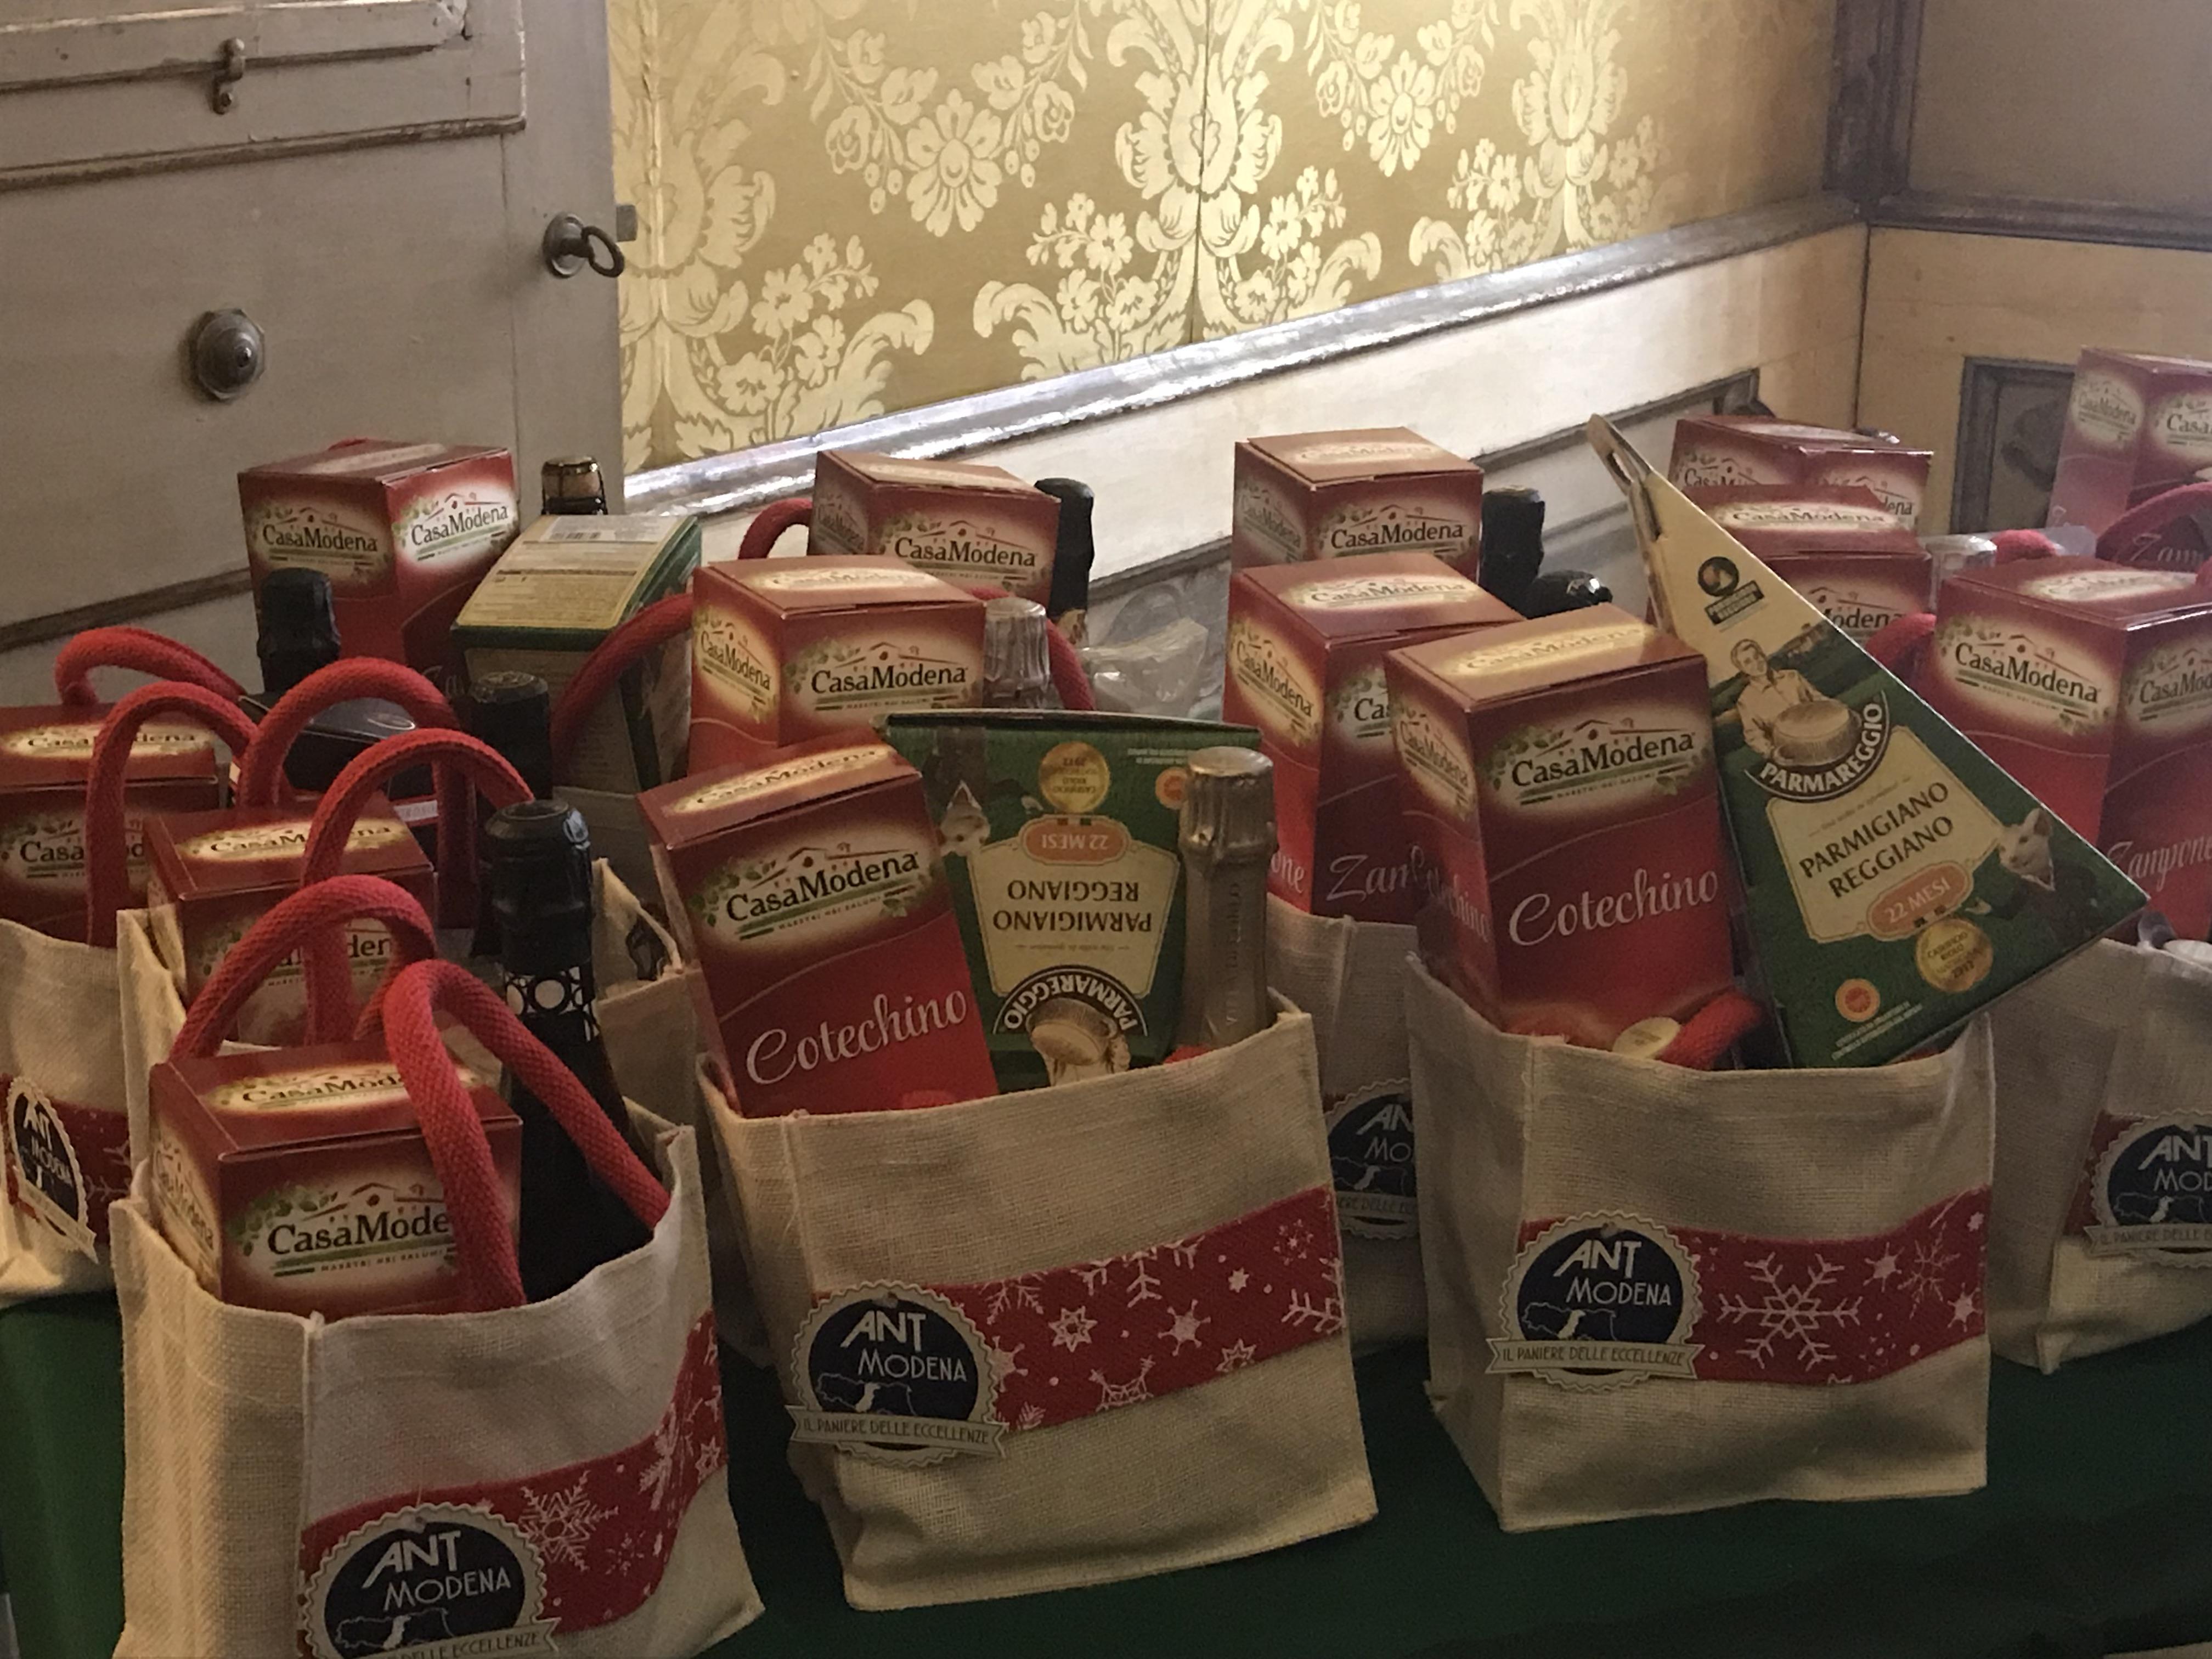 Paniere delle Eccellenze ANT a Modena per un Natale Solidale, grazie anche a Cantine Riunite&Civ, Grandi Salumifici Italiani e Granterre-Parmareggio